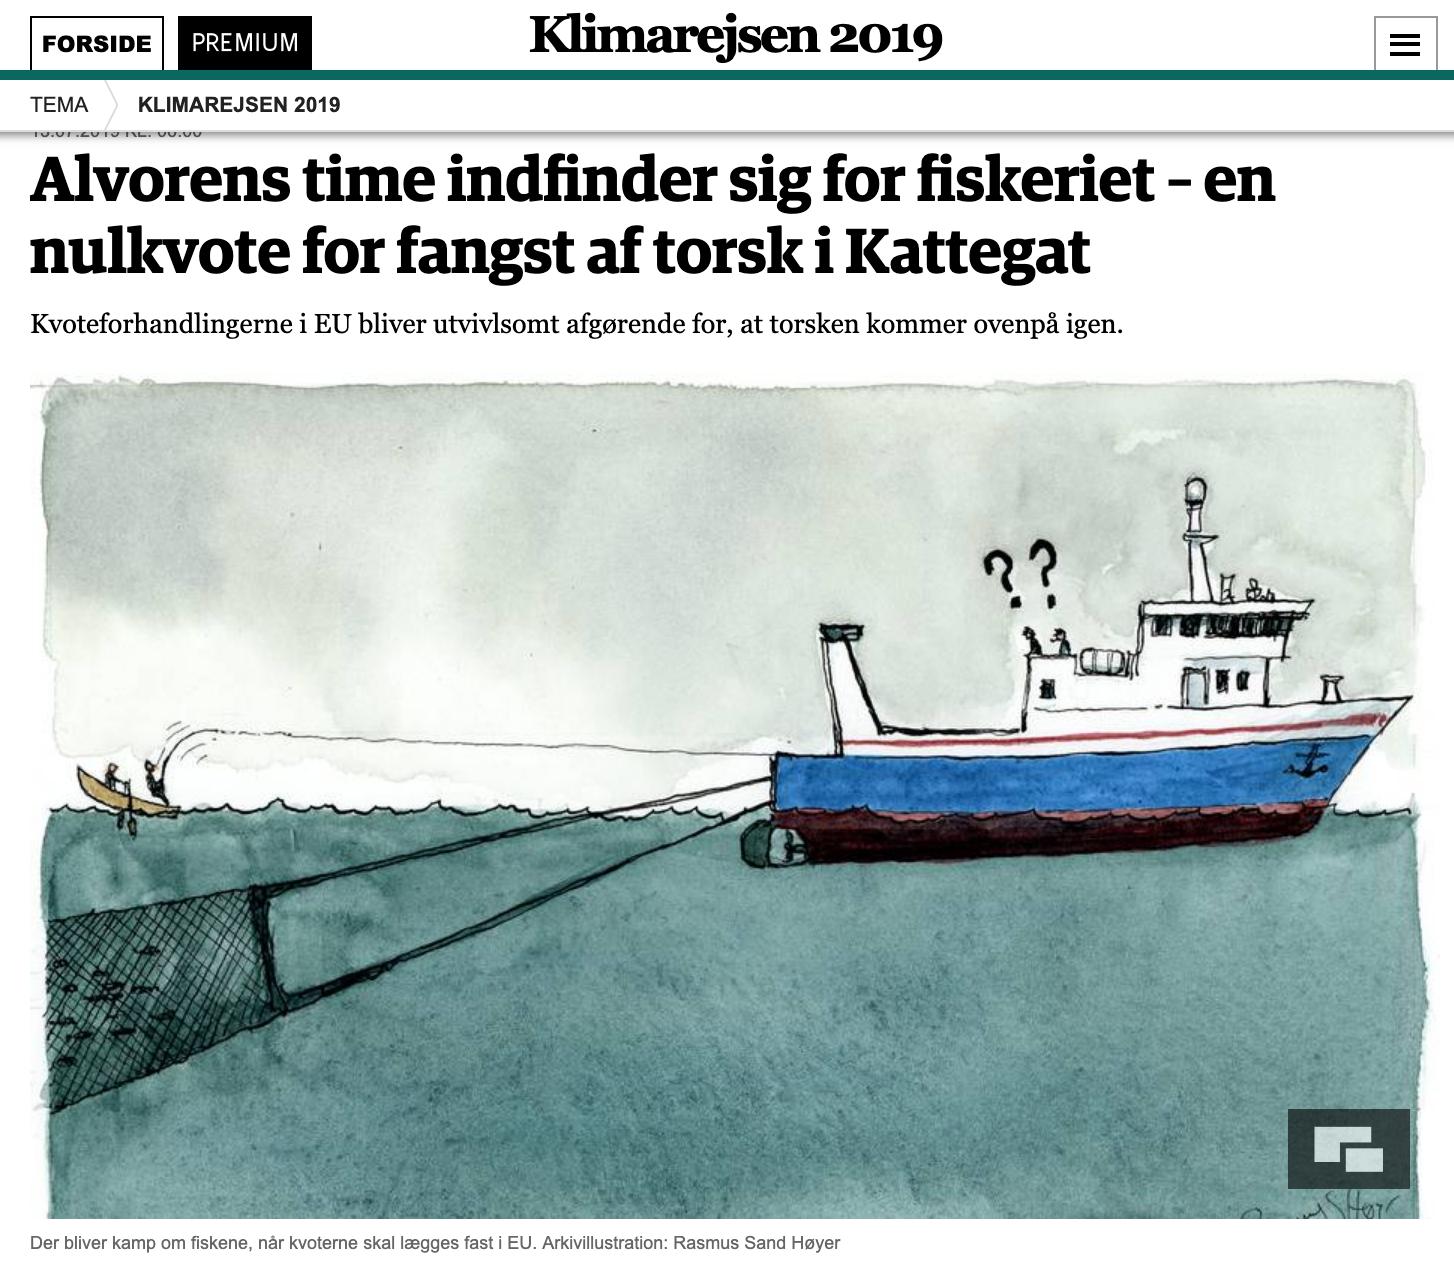 Alvorens time indfinder sig for fiskeriet – en nulkvote for fangst af torsk i Kattegat